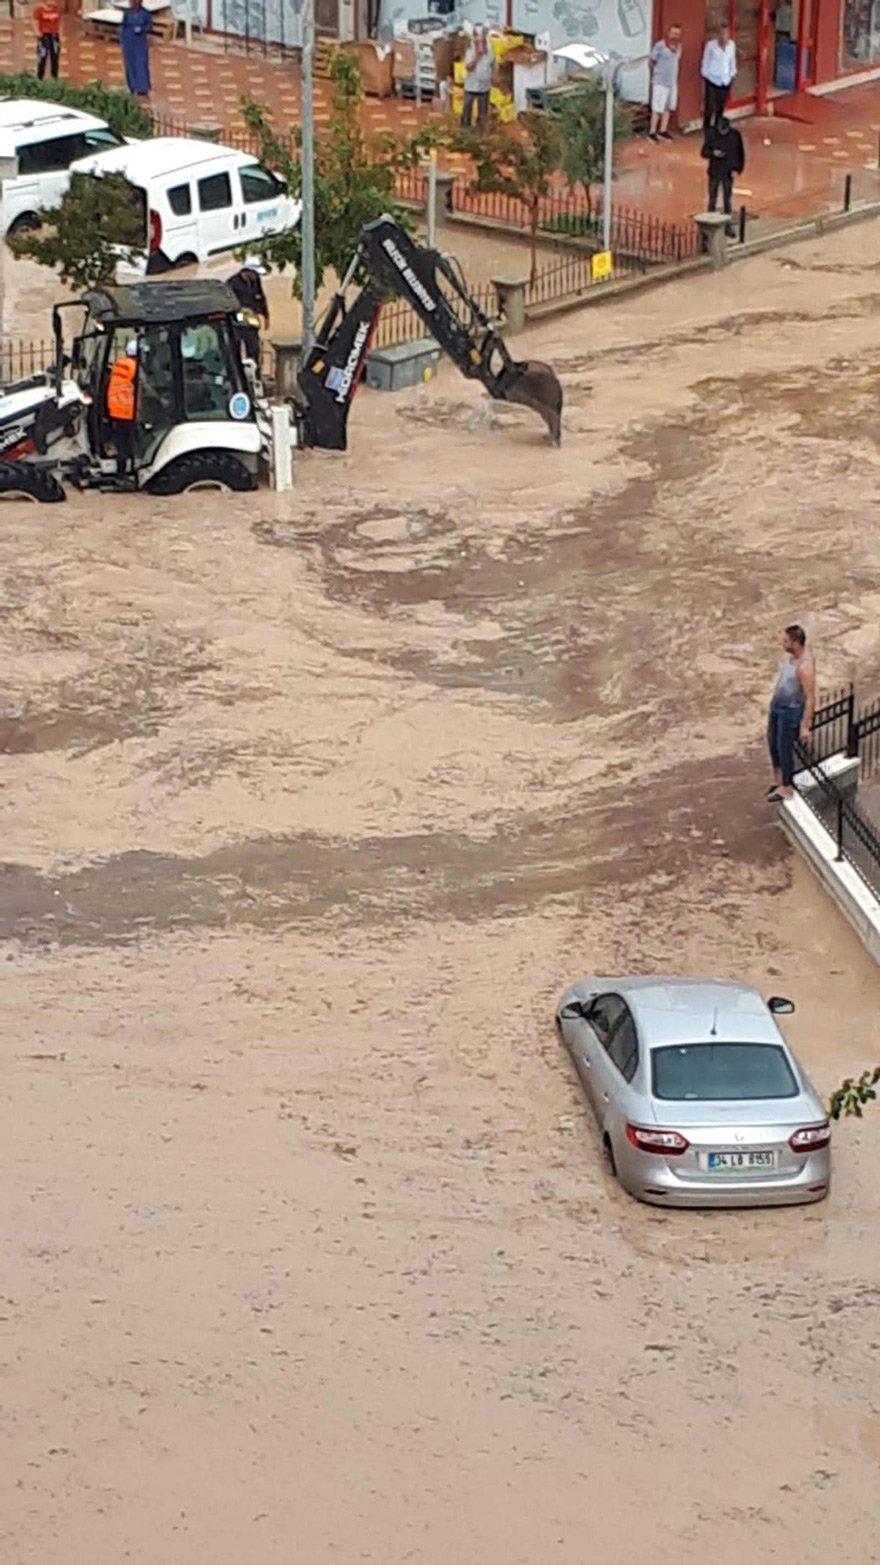 aniden bastıran sağanak yağış ve dolu, taşkınlara neden oldu.